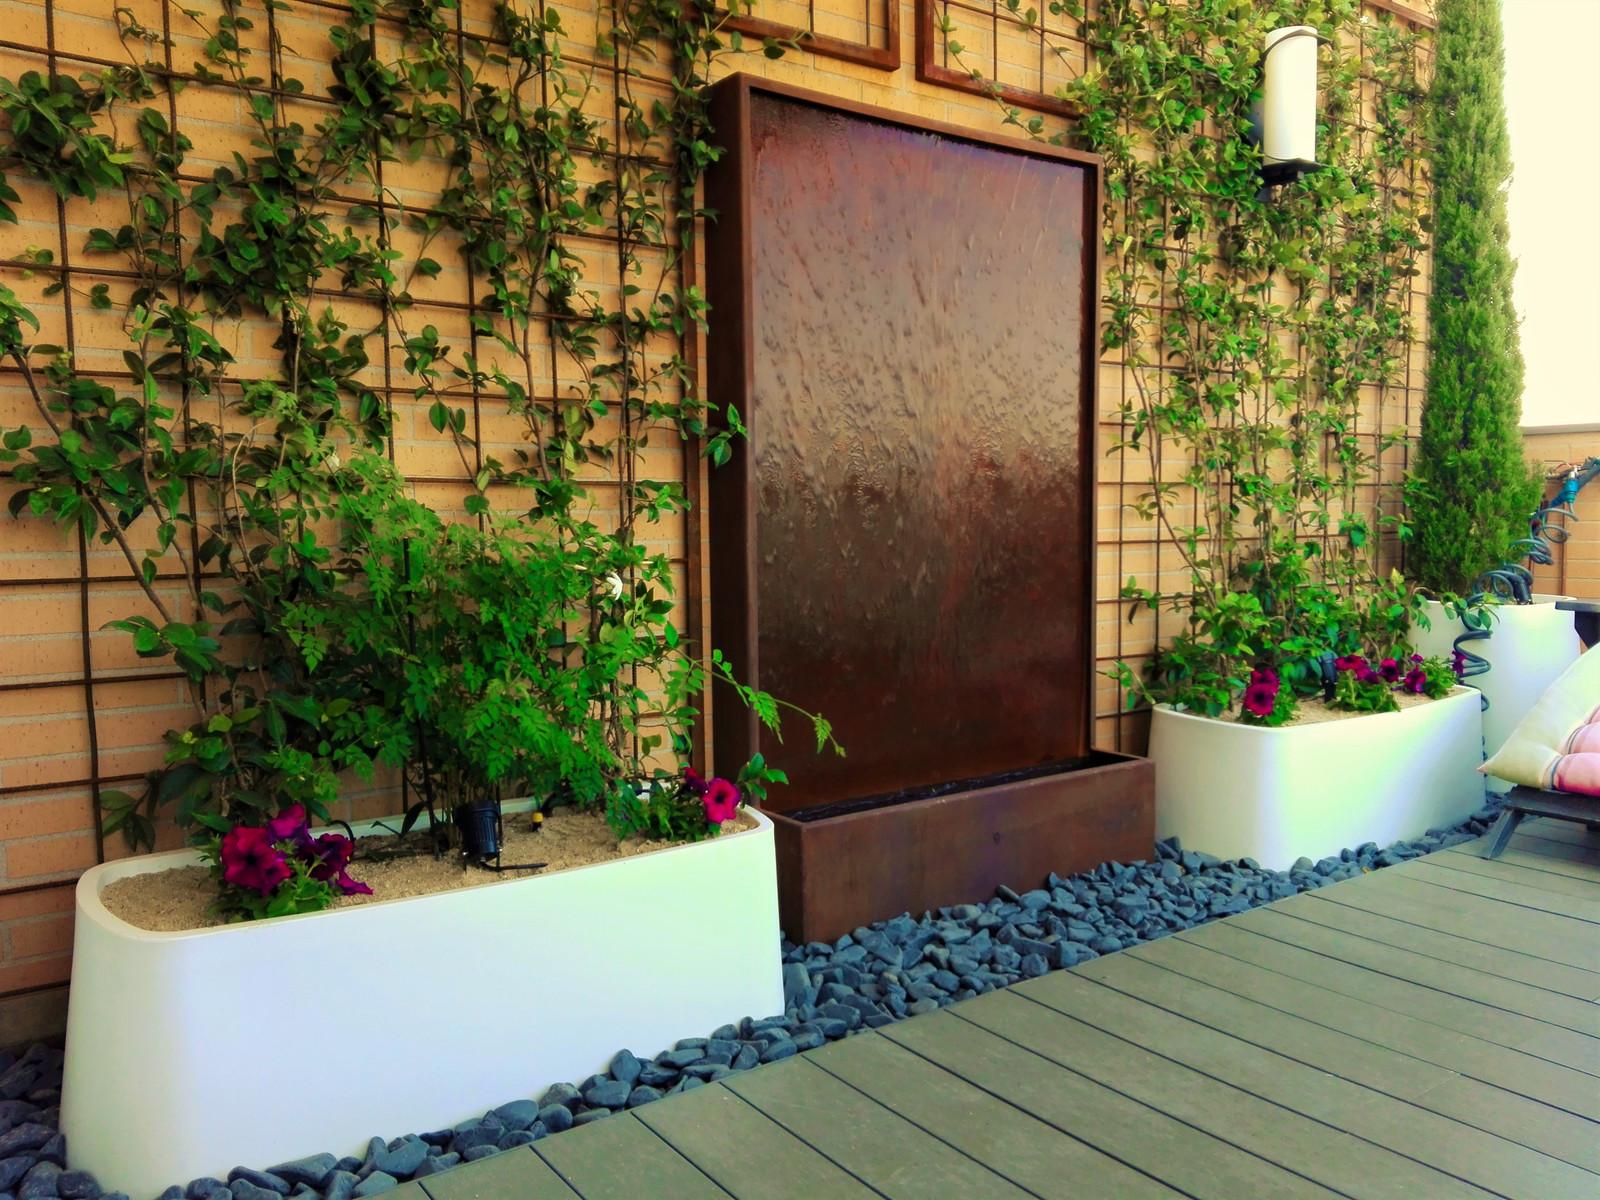 Fuentes de jardin comunidad de madrid jardinesysol - Fuentes jardin pared ...